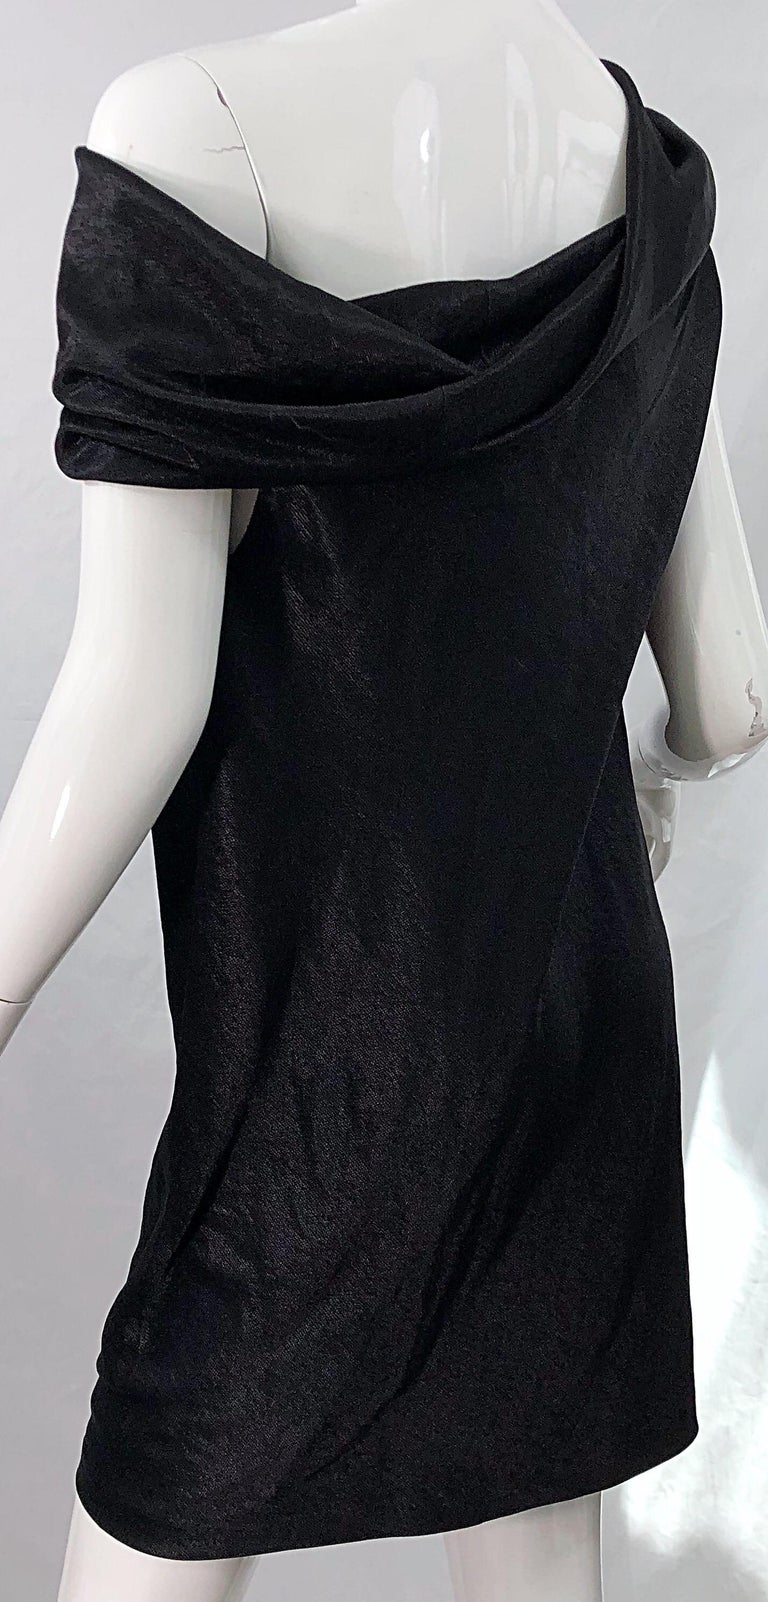 NWT 1990s Donna Karan Size 8 Black Metallic Rayon Off - Shoulder Vintage Dress For Sale 6